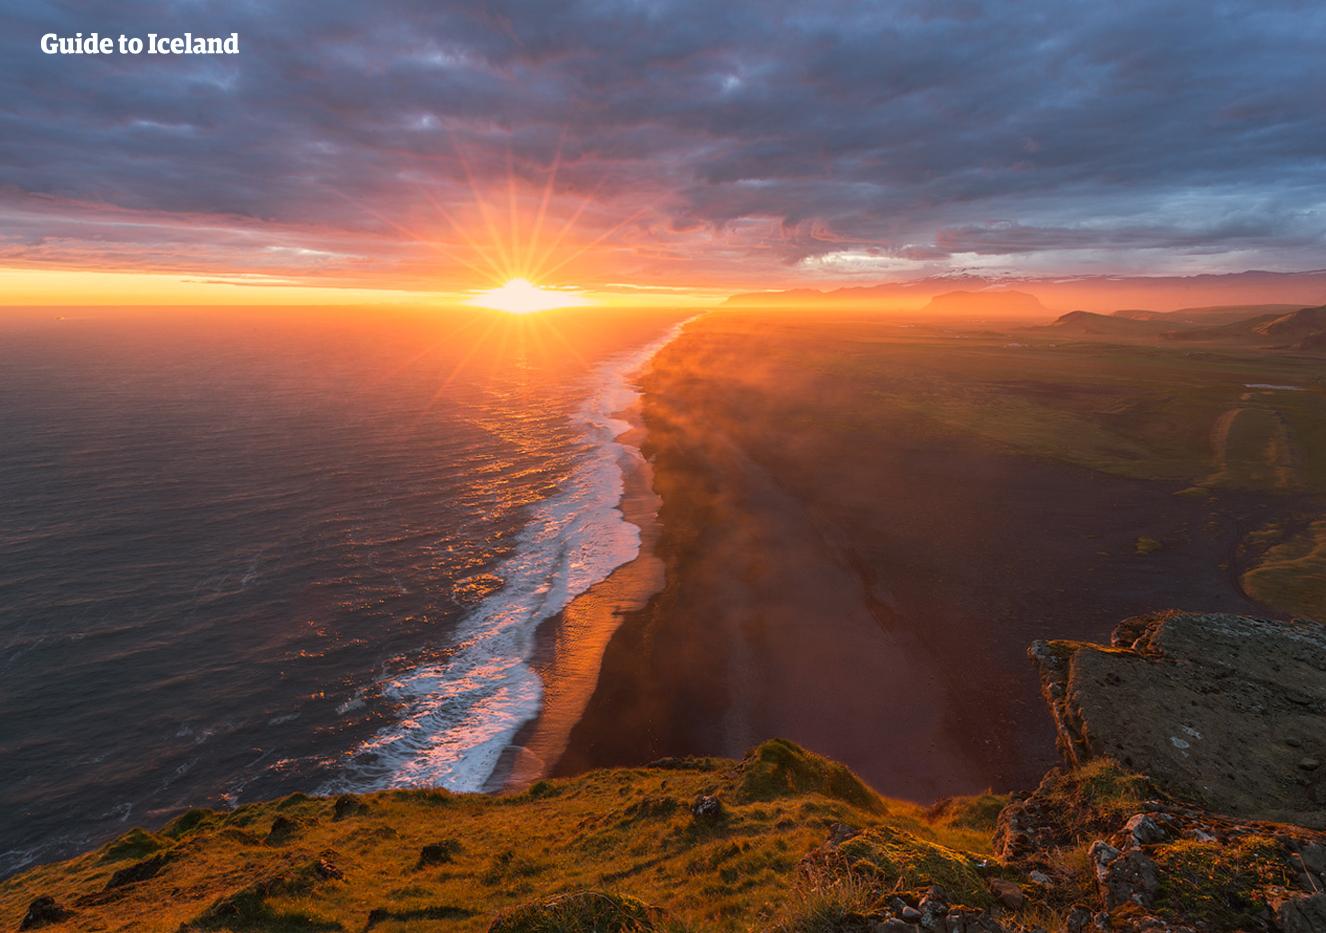 冰岛南岸沿岸遍布延绵的黑沙滩